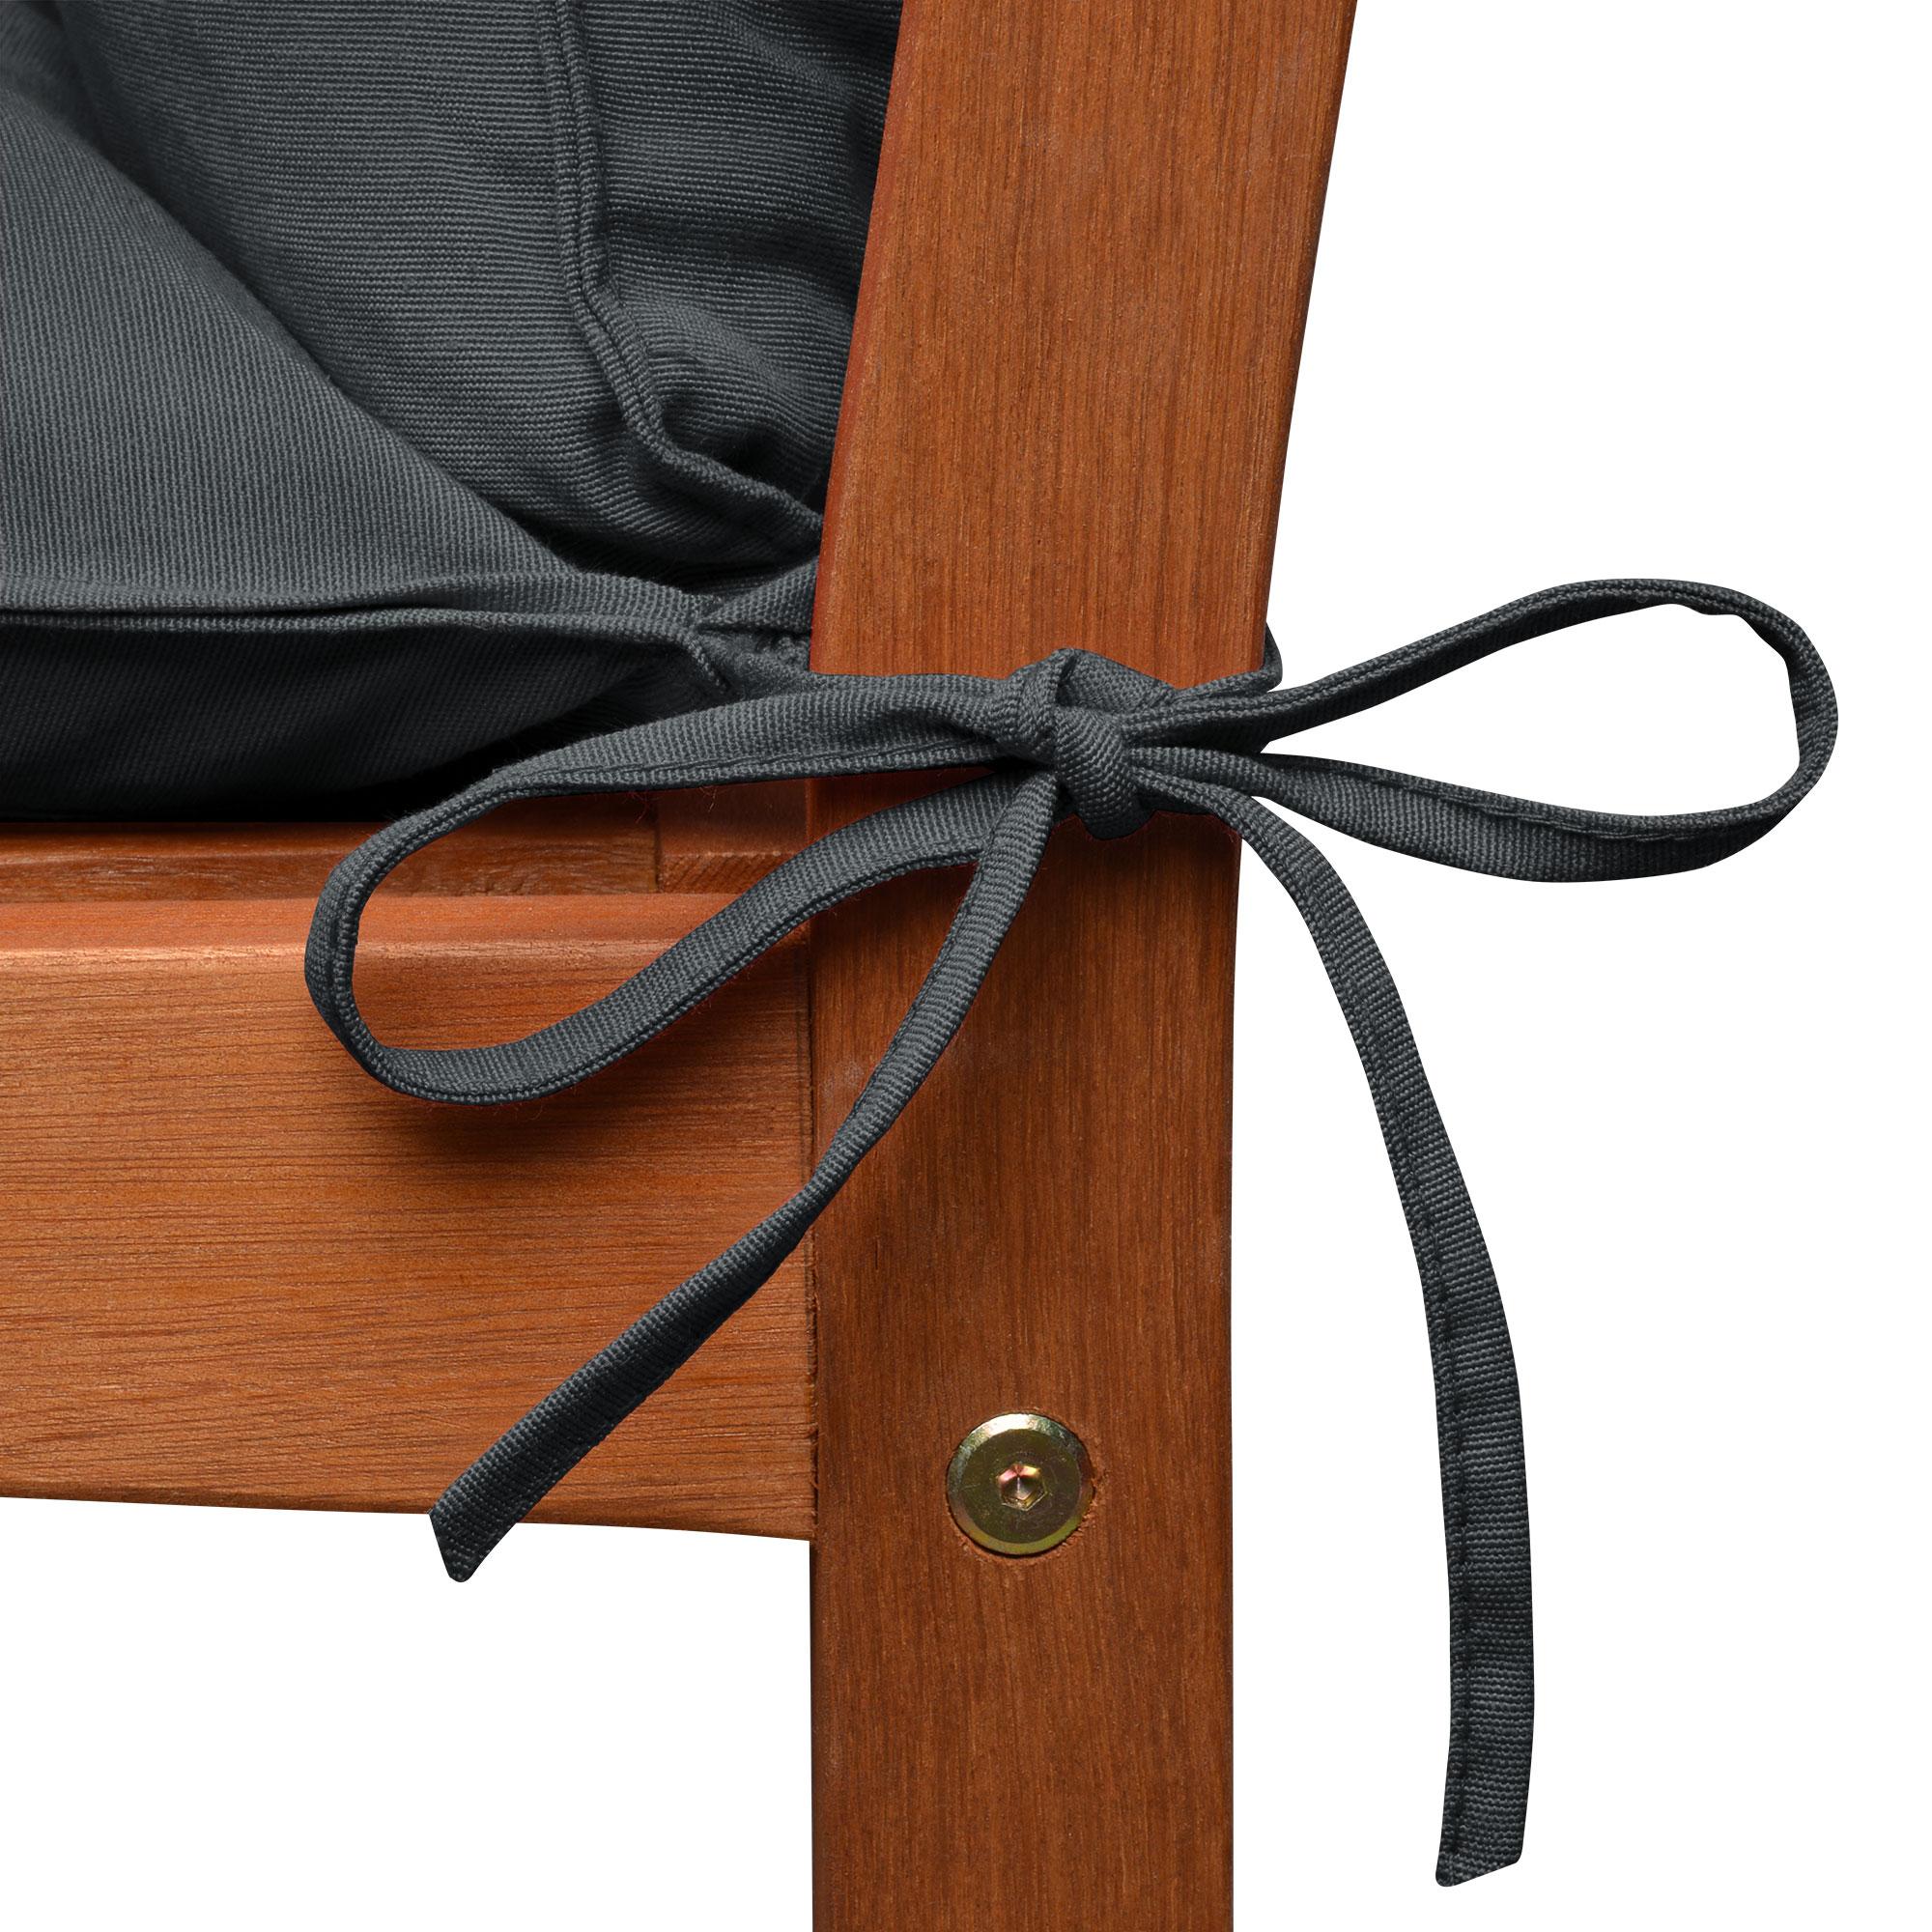 gartenbank auflage sitzpolster bankkissen bankauflage. Black Bedroom Furniture Sets. Home Design Ideas